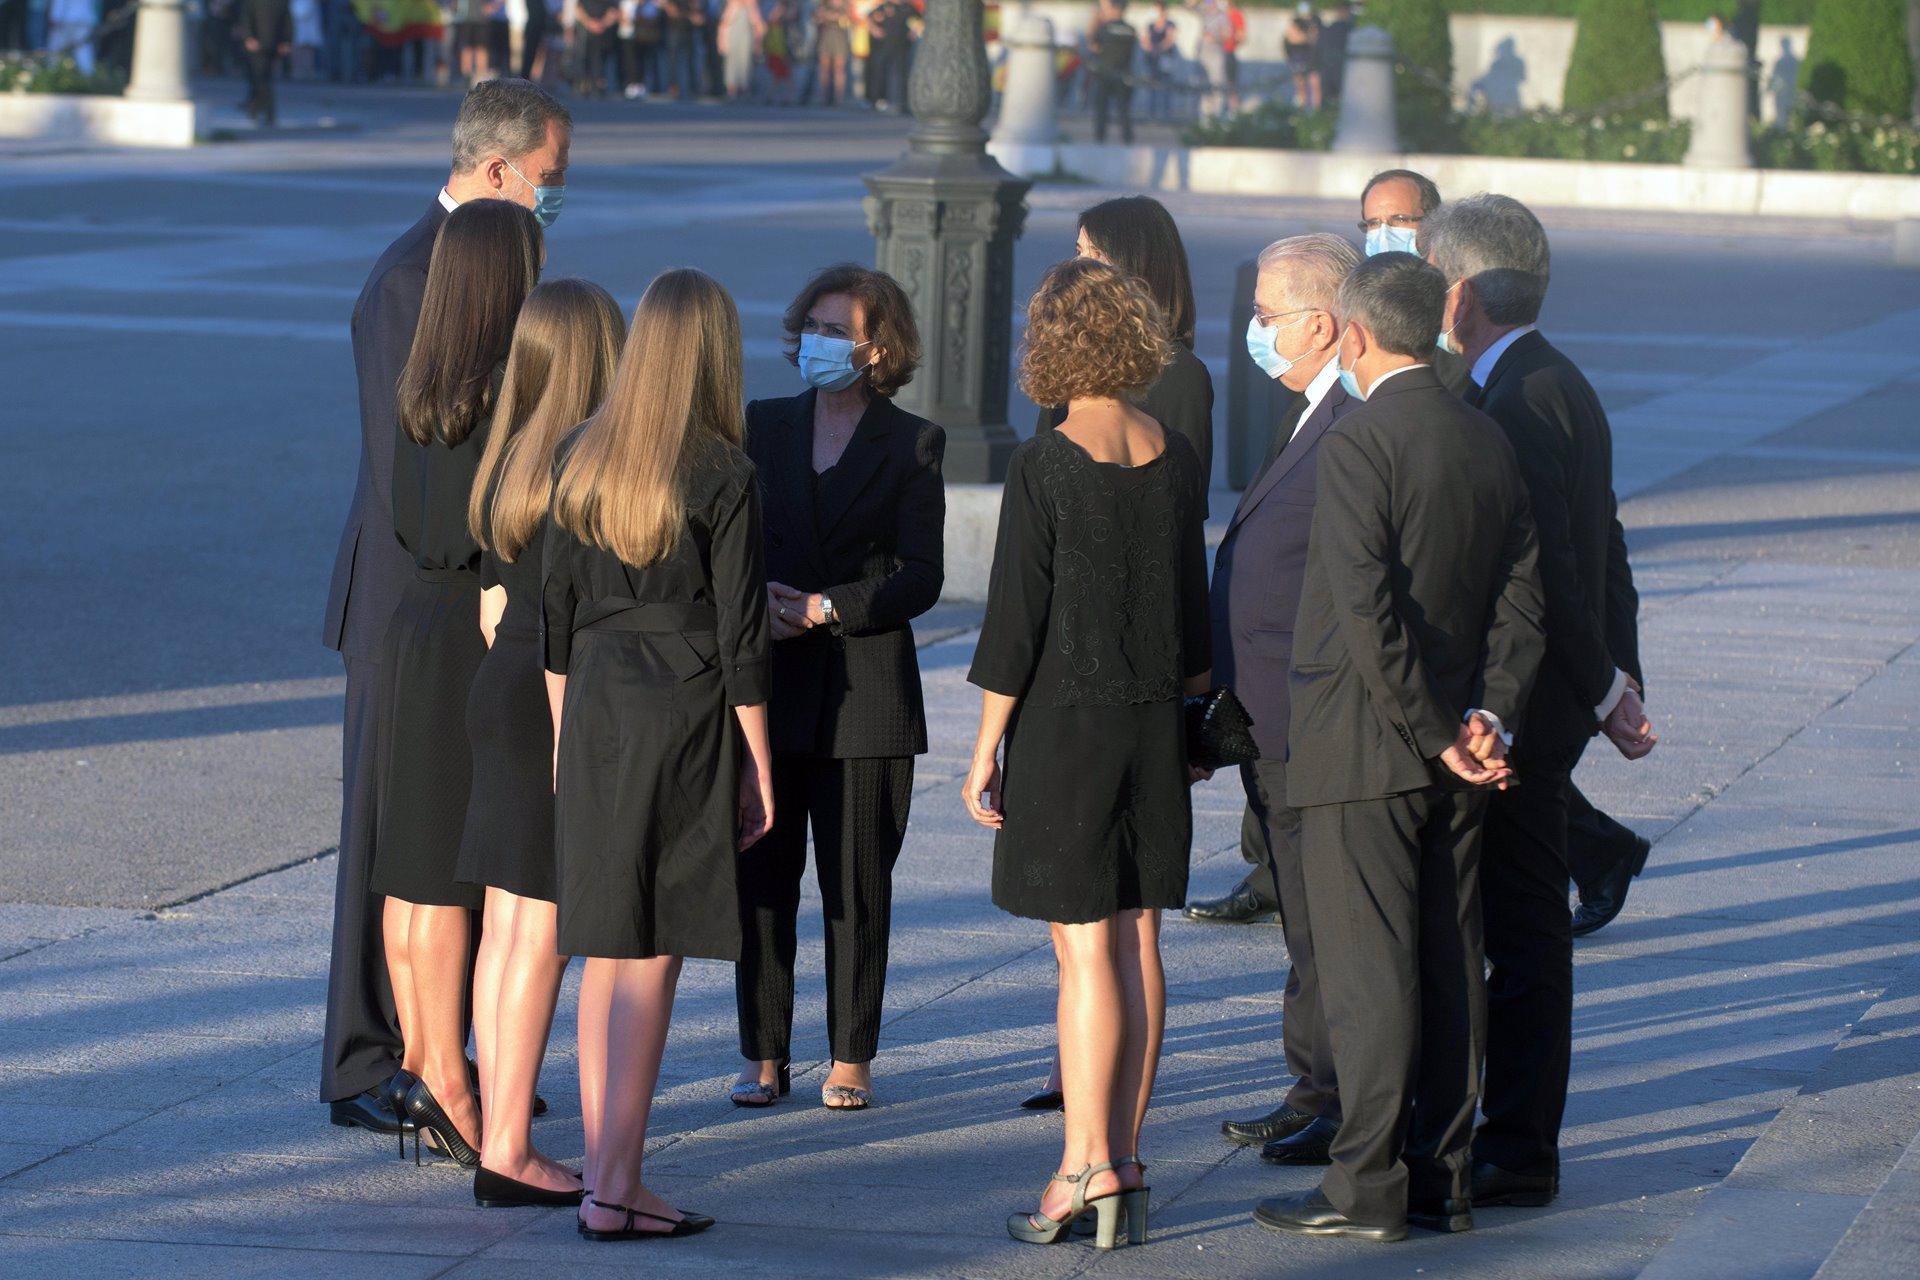 ¿Cuánto mide la Princesa Leonor? - Altura: 1,60 - Height - Página 2 Fotogaleriafamosos_209014